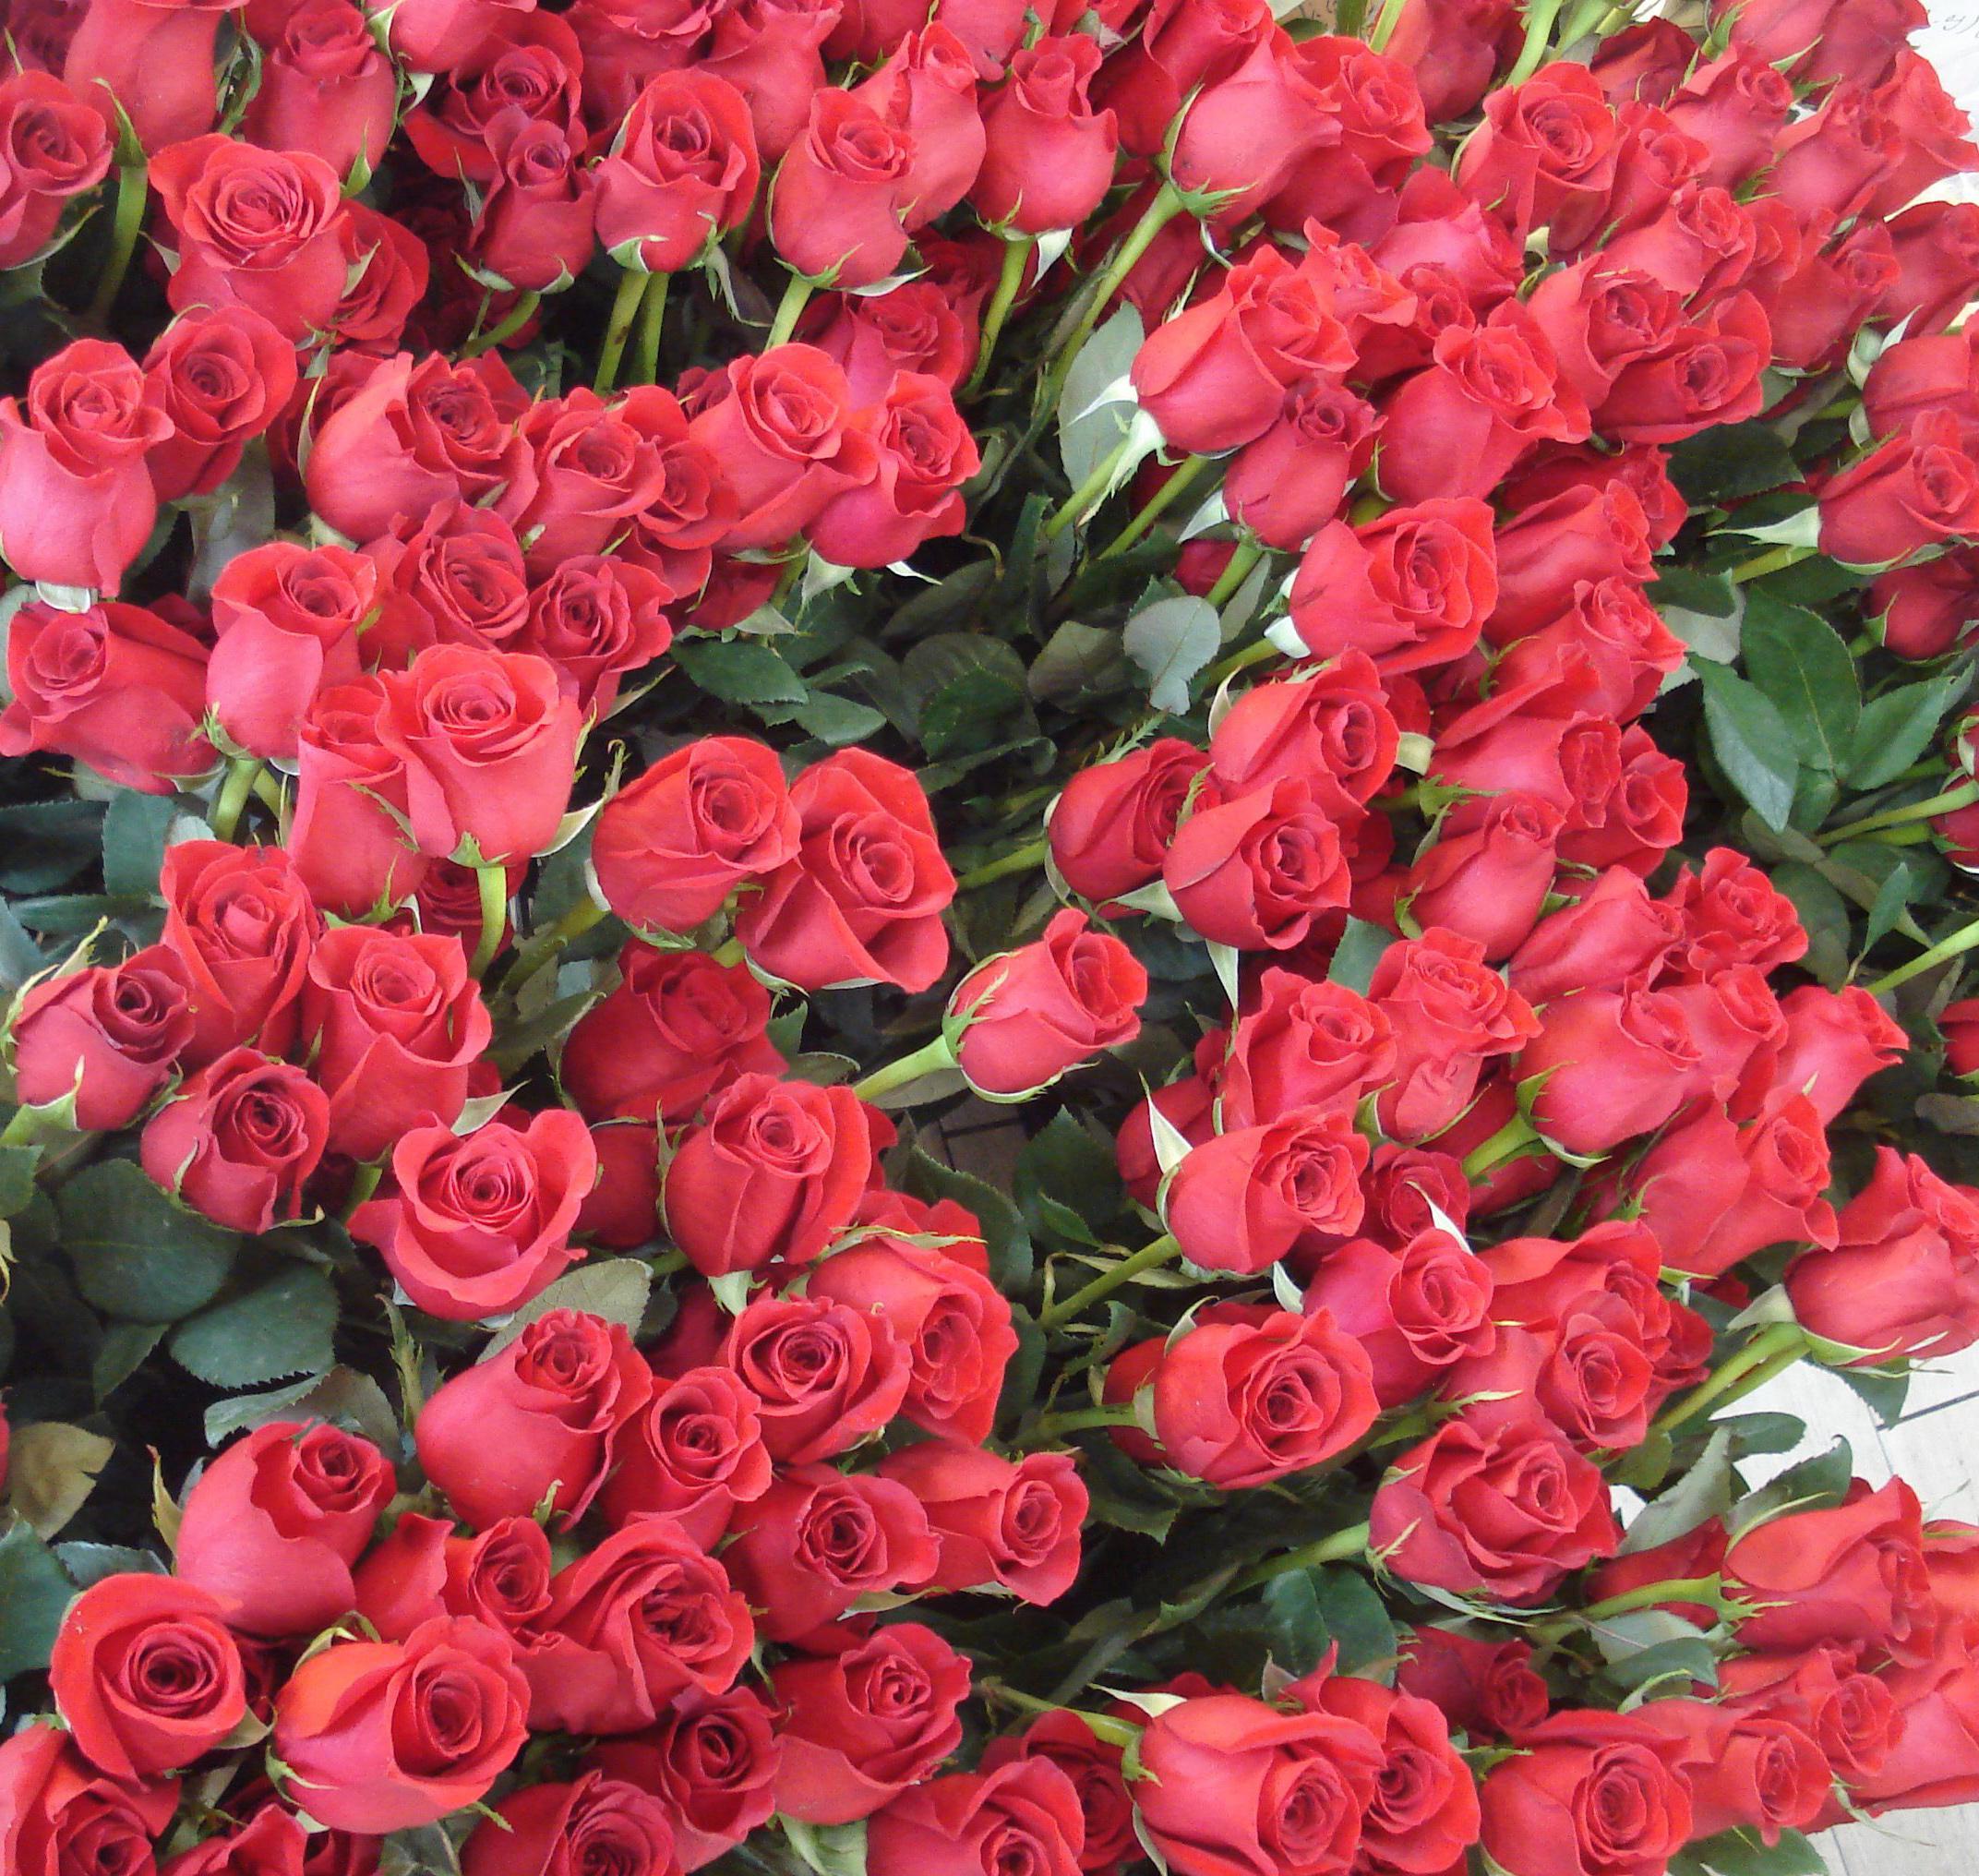 Цветы для любимой фото 24 фотография